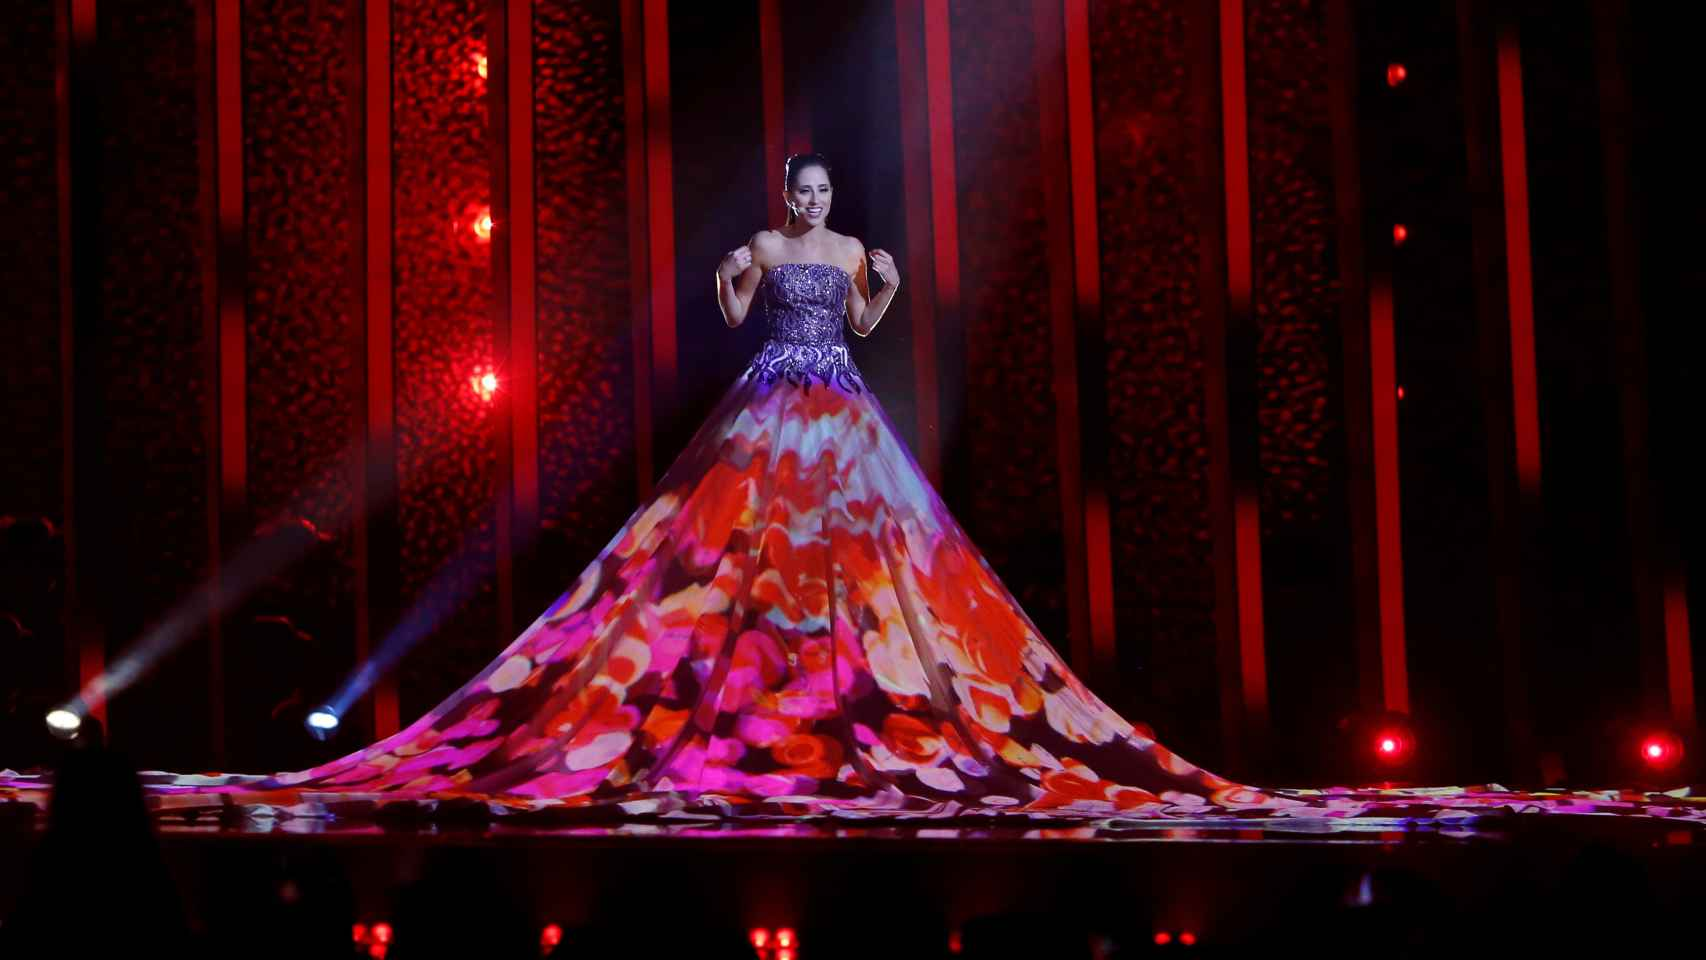 Los momentos más curiosos de Eurovisión, en imágenes